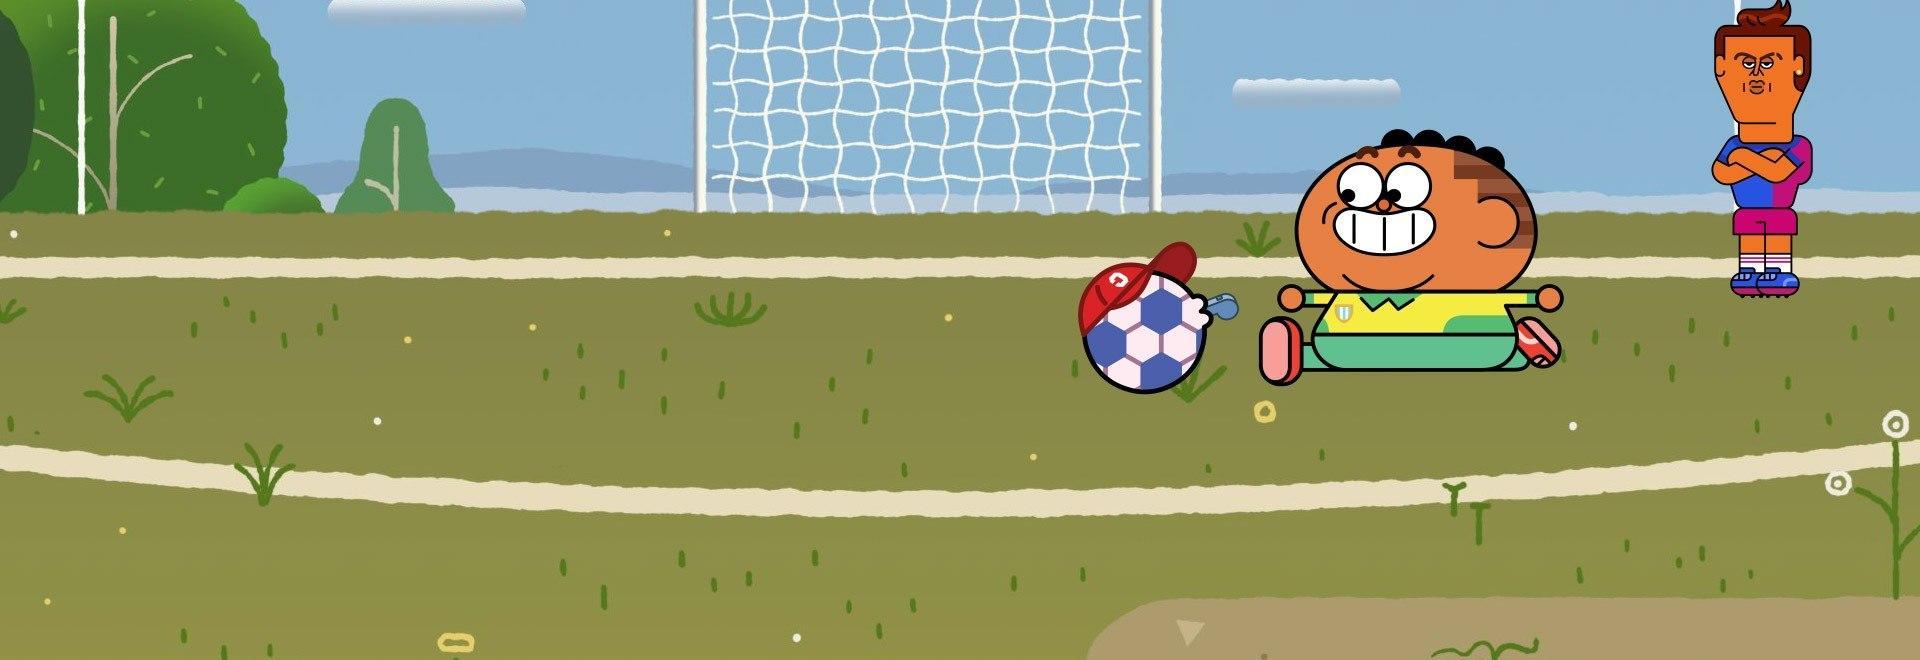 Il pallone parlante